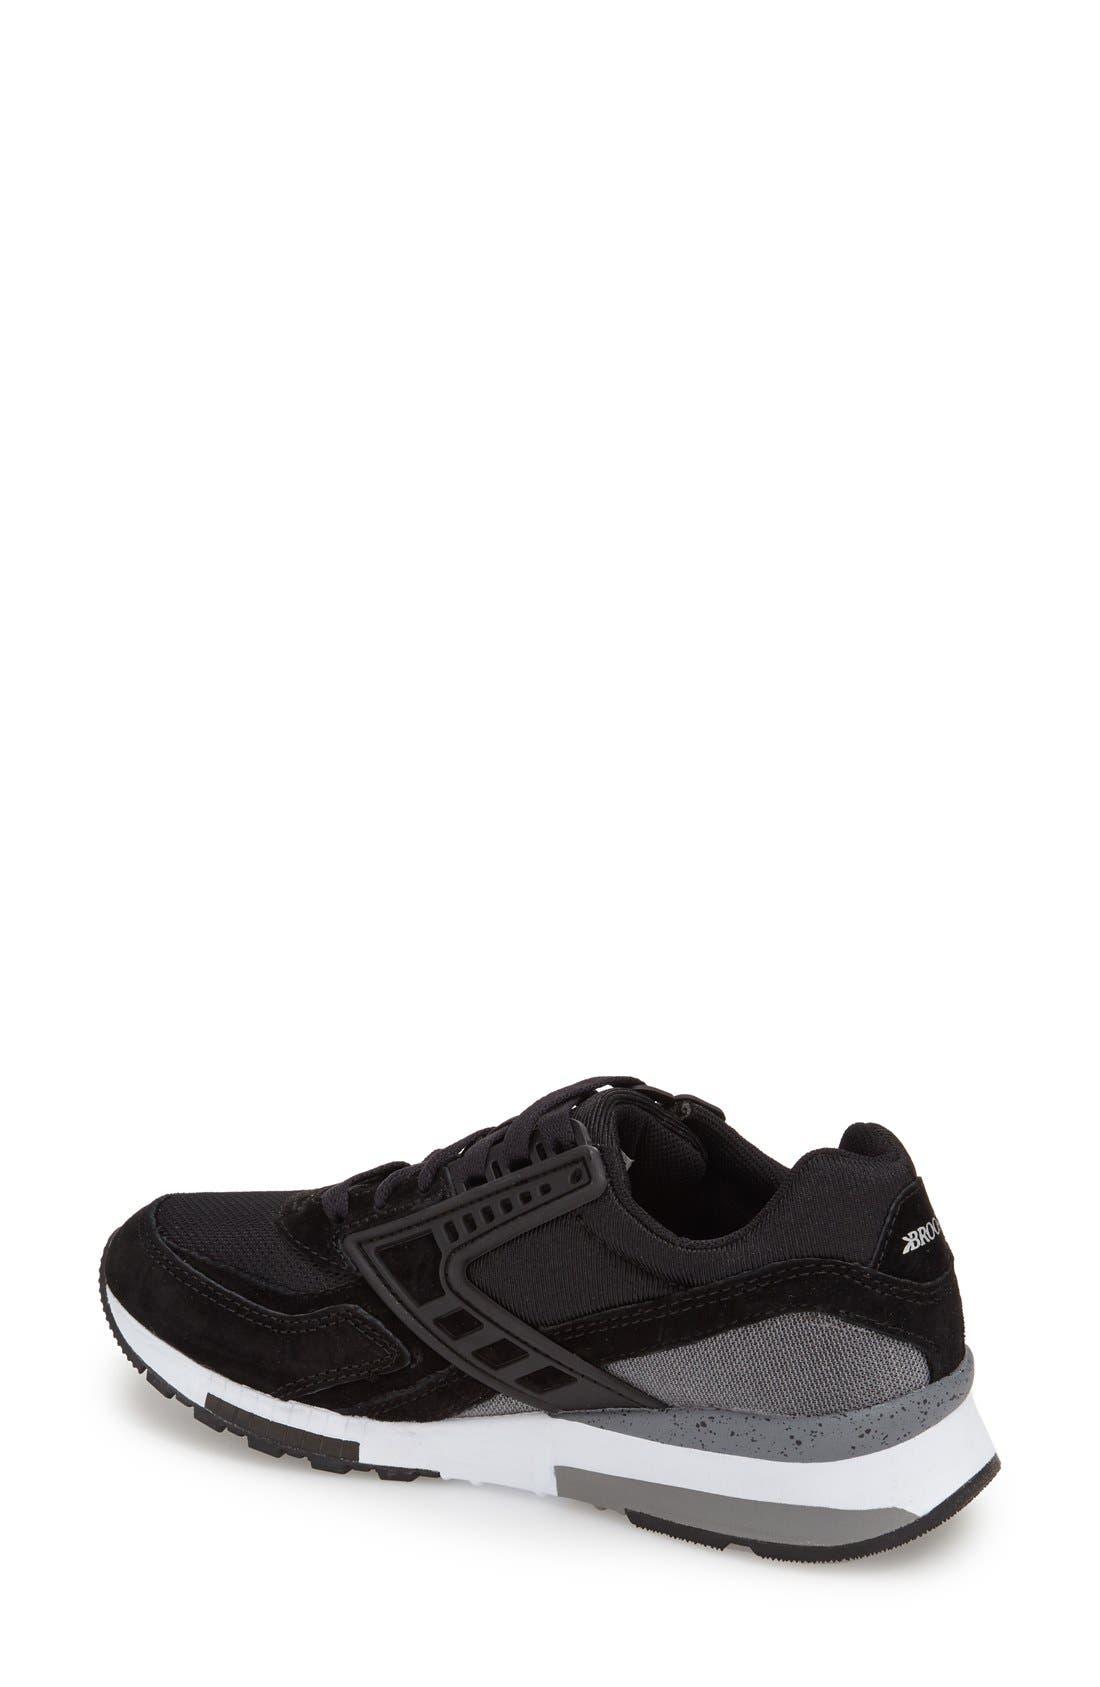 'Evenfall Regent' Sneaker,                             Alternate thumbnail 2, color,                             091